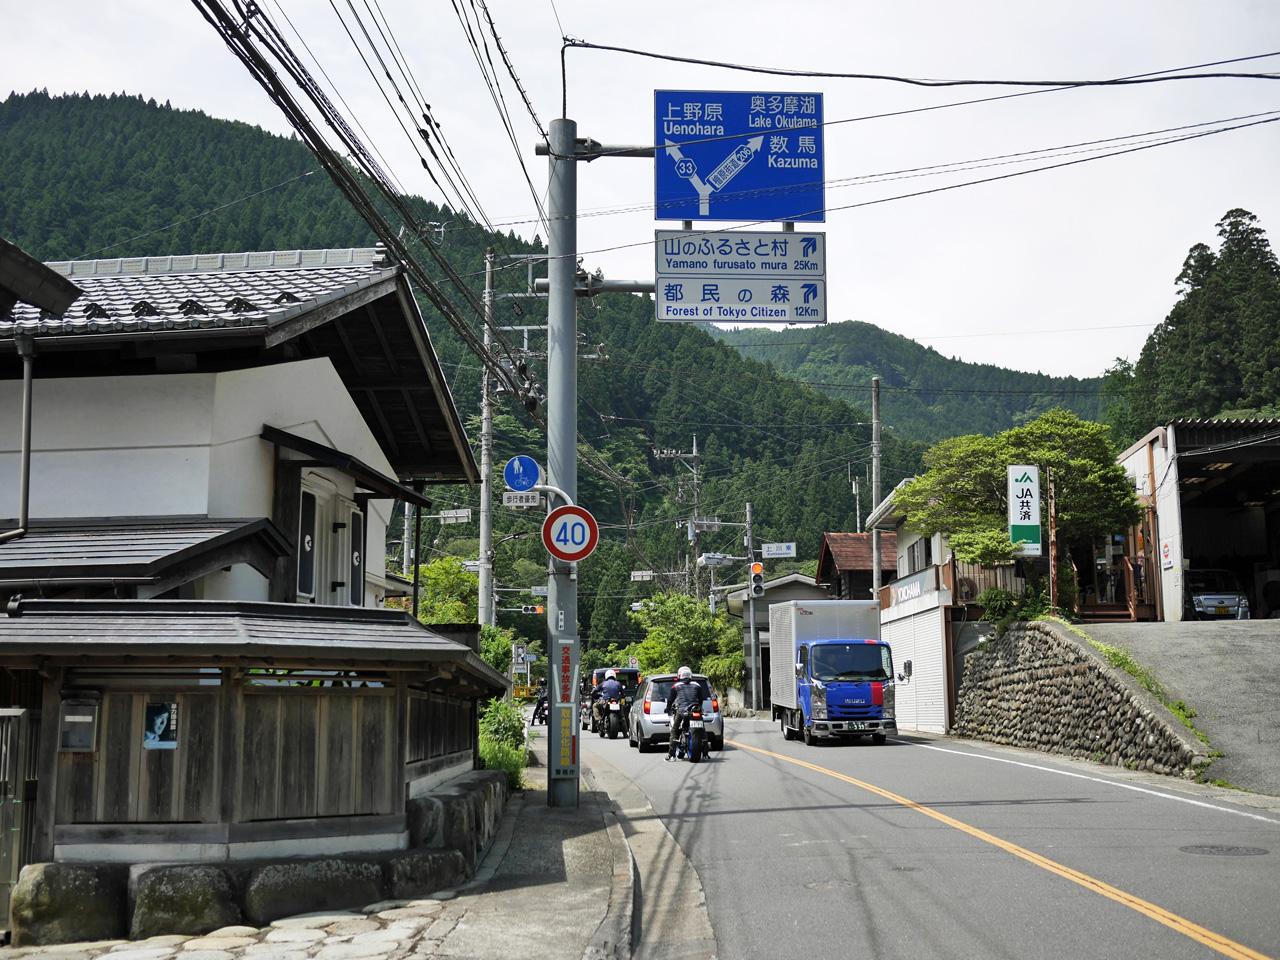 上川乗のY字路を右へ進む